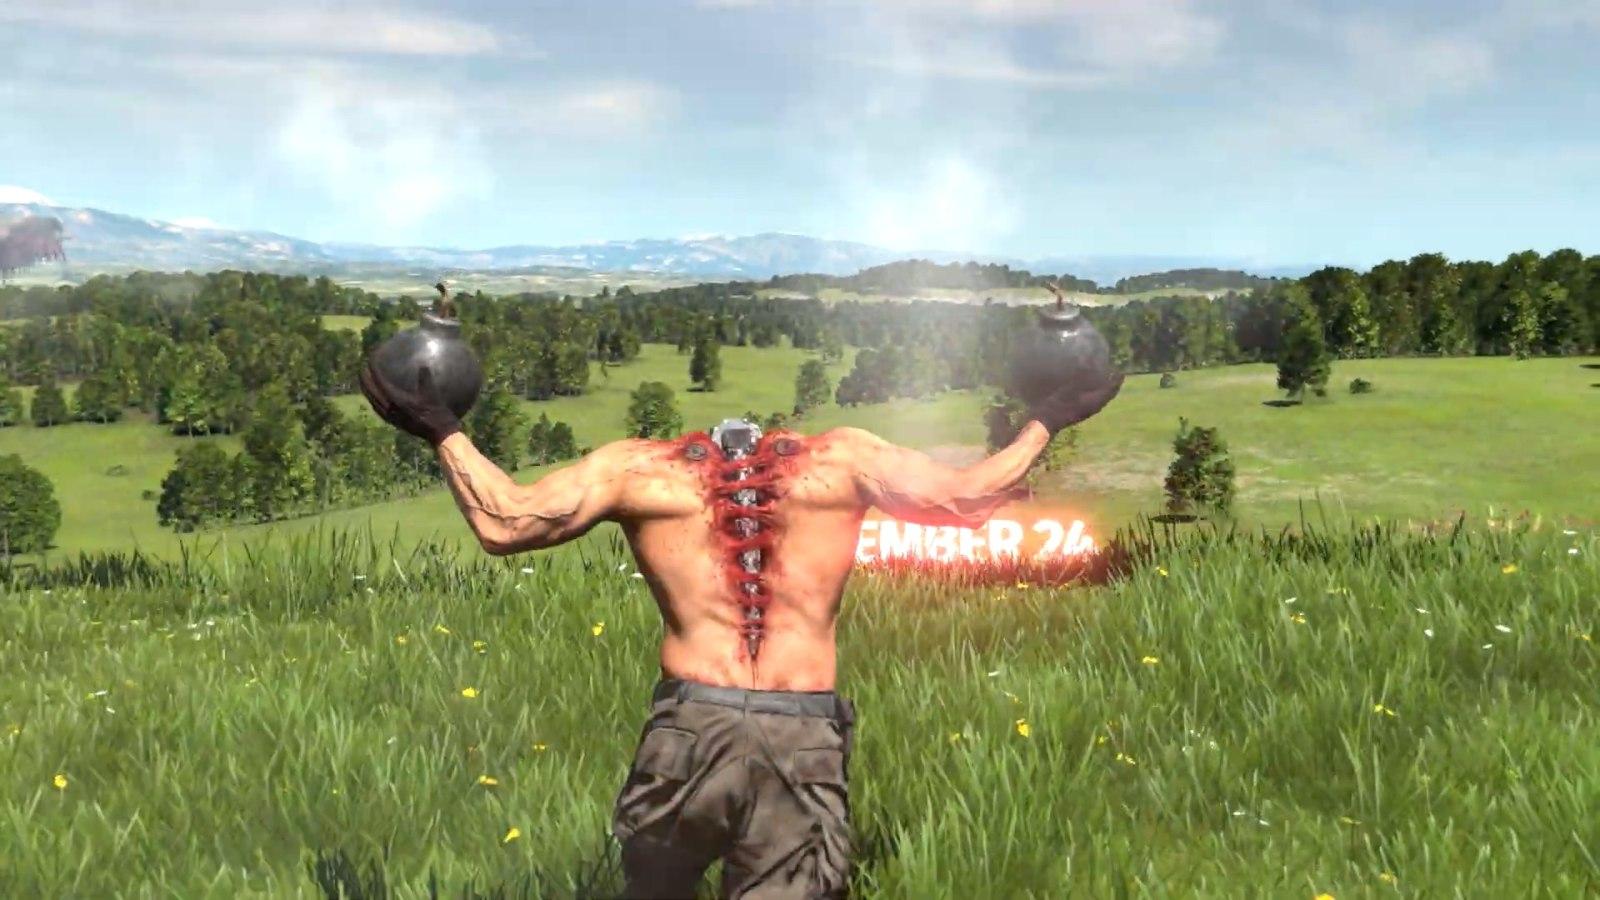 《英雄萨姆4》将在9月24日正式发售